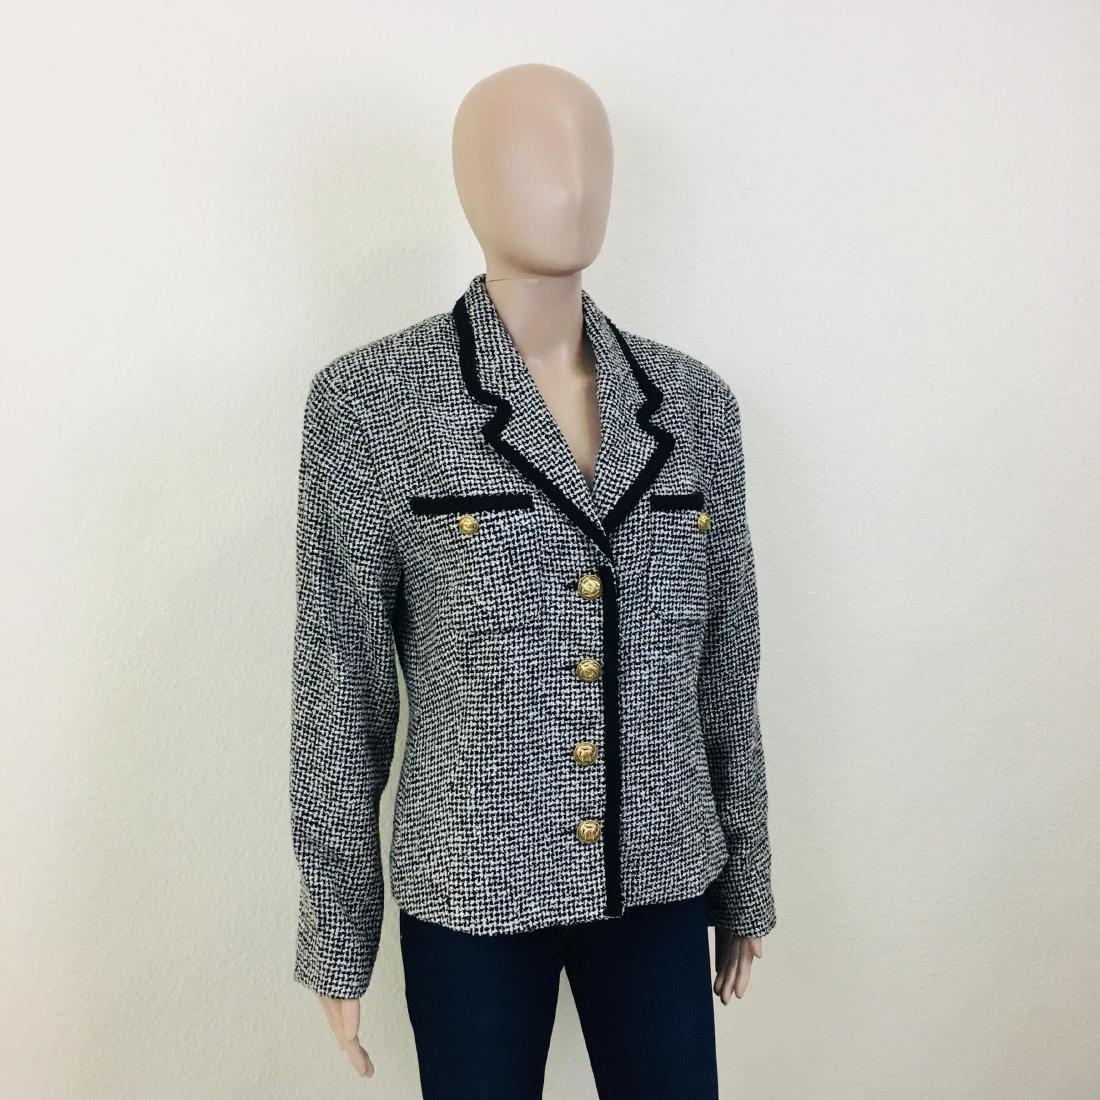 Vintage Women's Santarelli Designer Wool Blend Blazer - 3